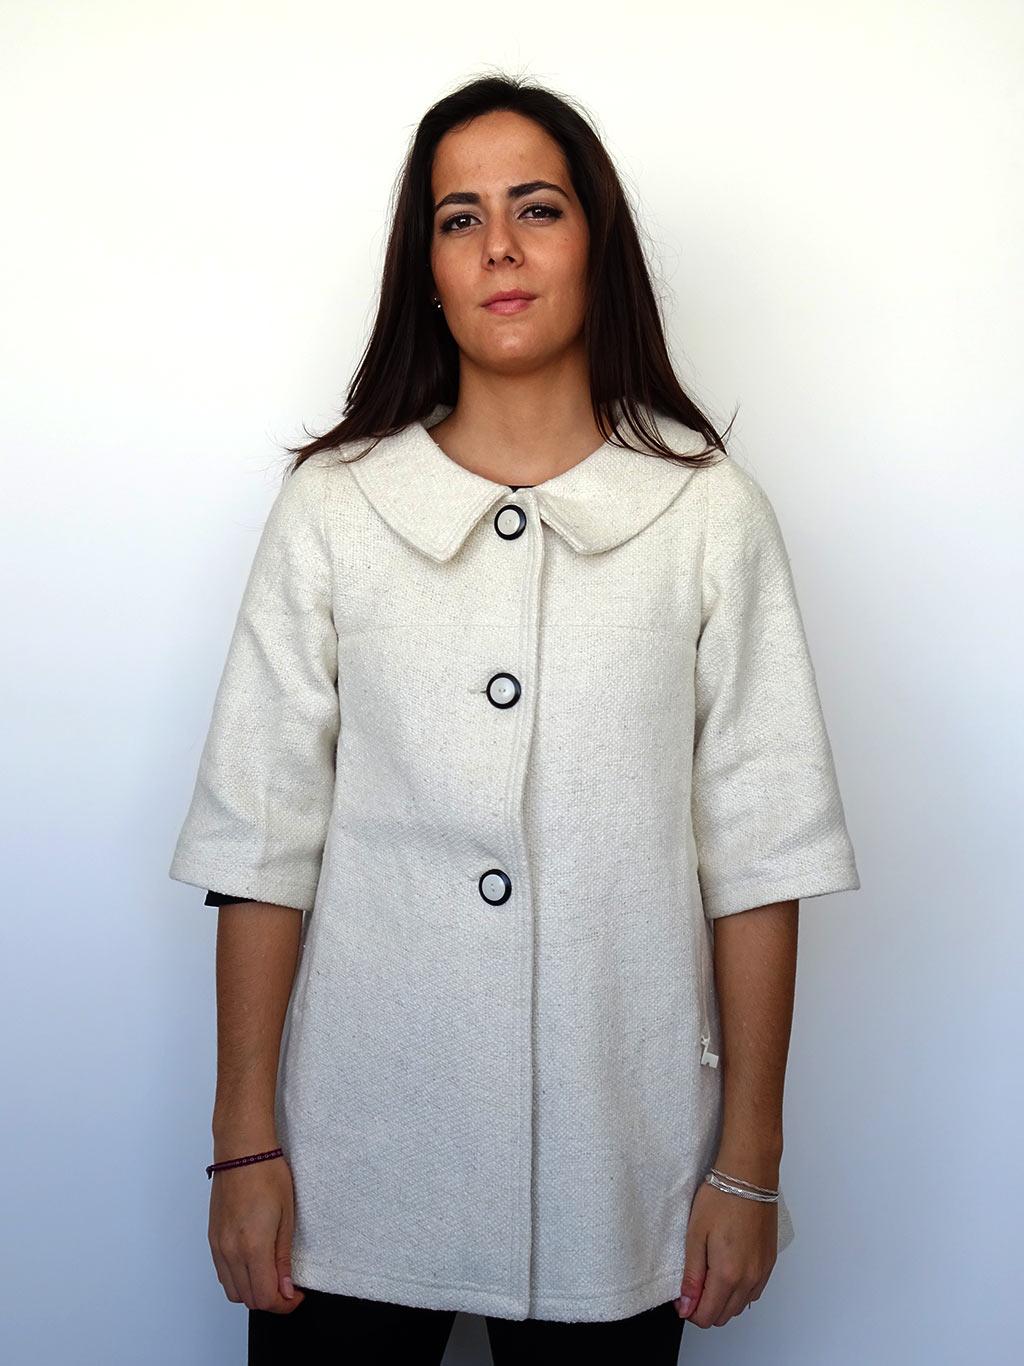 Abrigo Alicia Urbana - Solram Blanco Cerrado